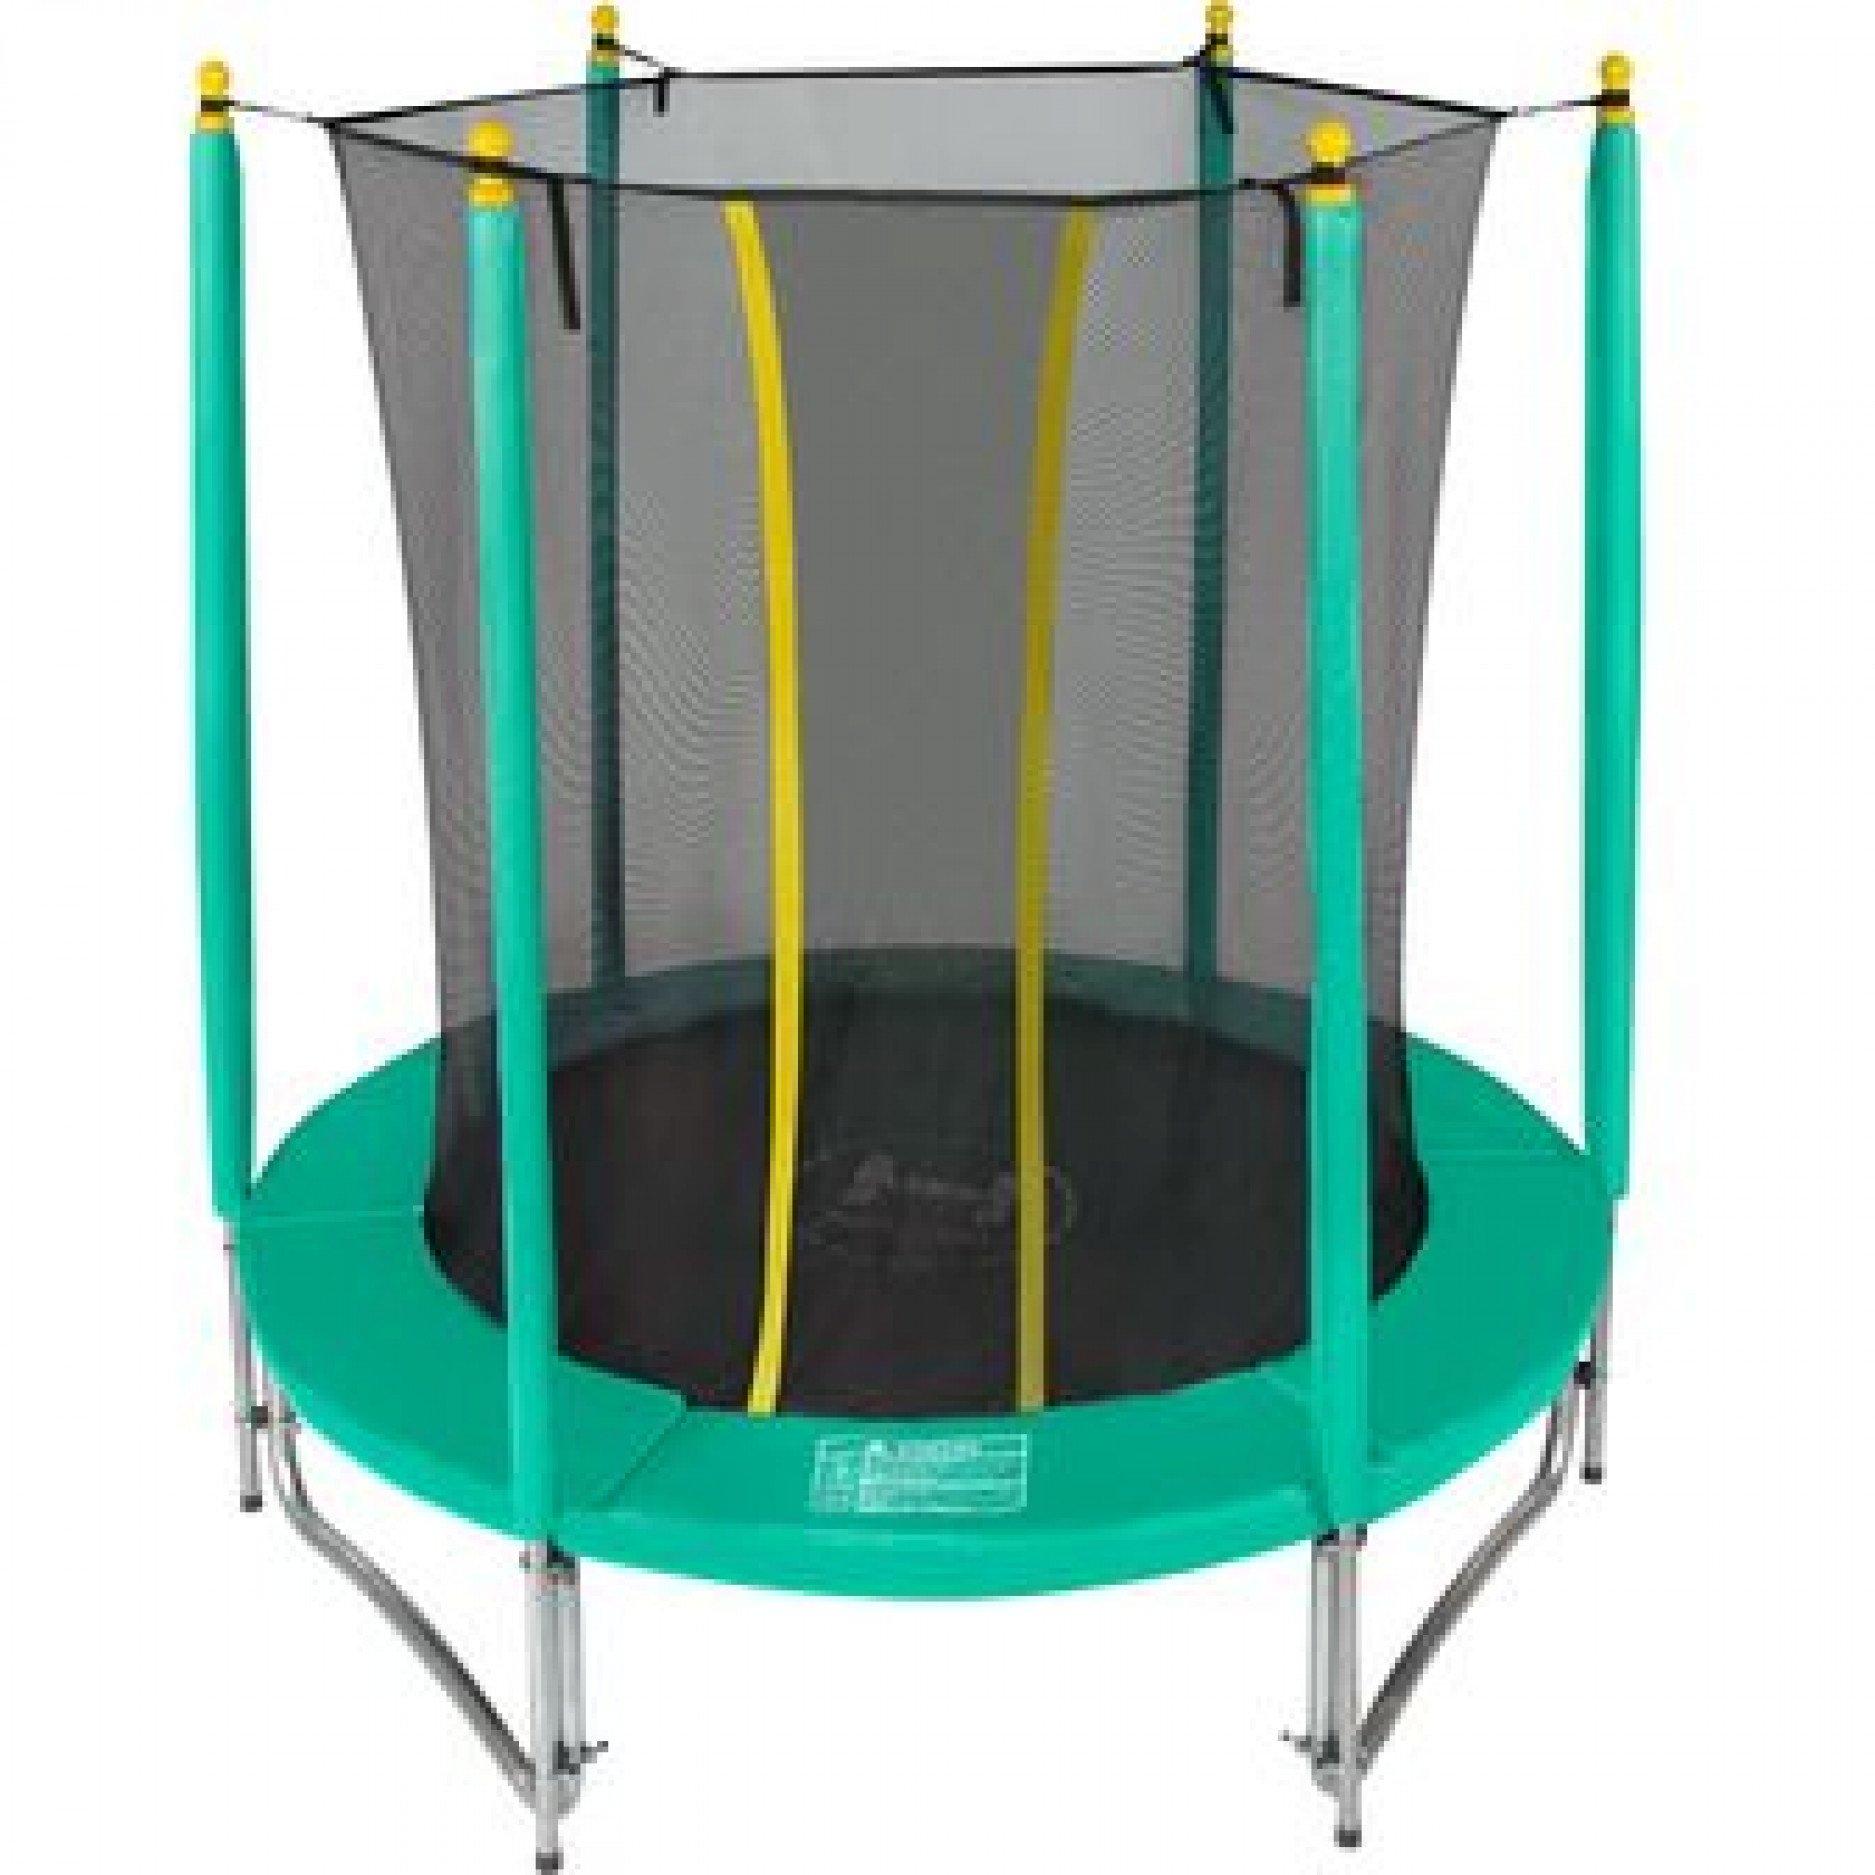 Батут Hasttings Classic green 6ft (1.82 м) с внутренней сеткой